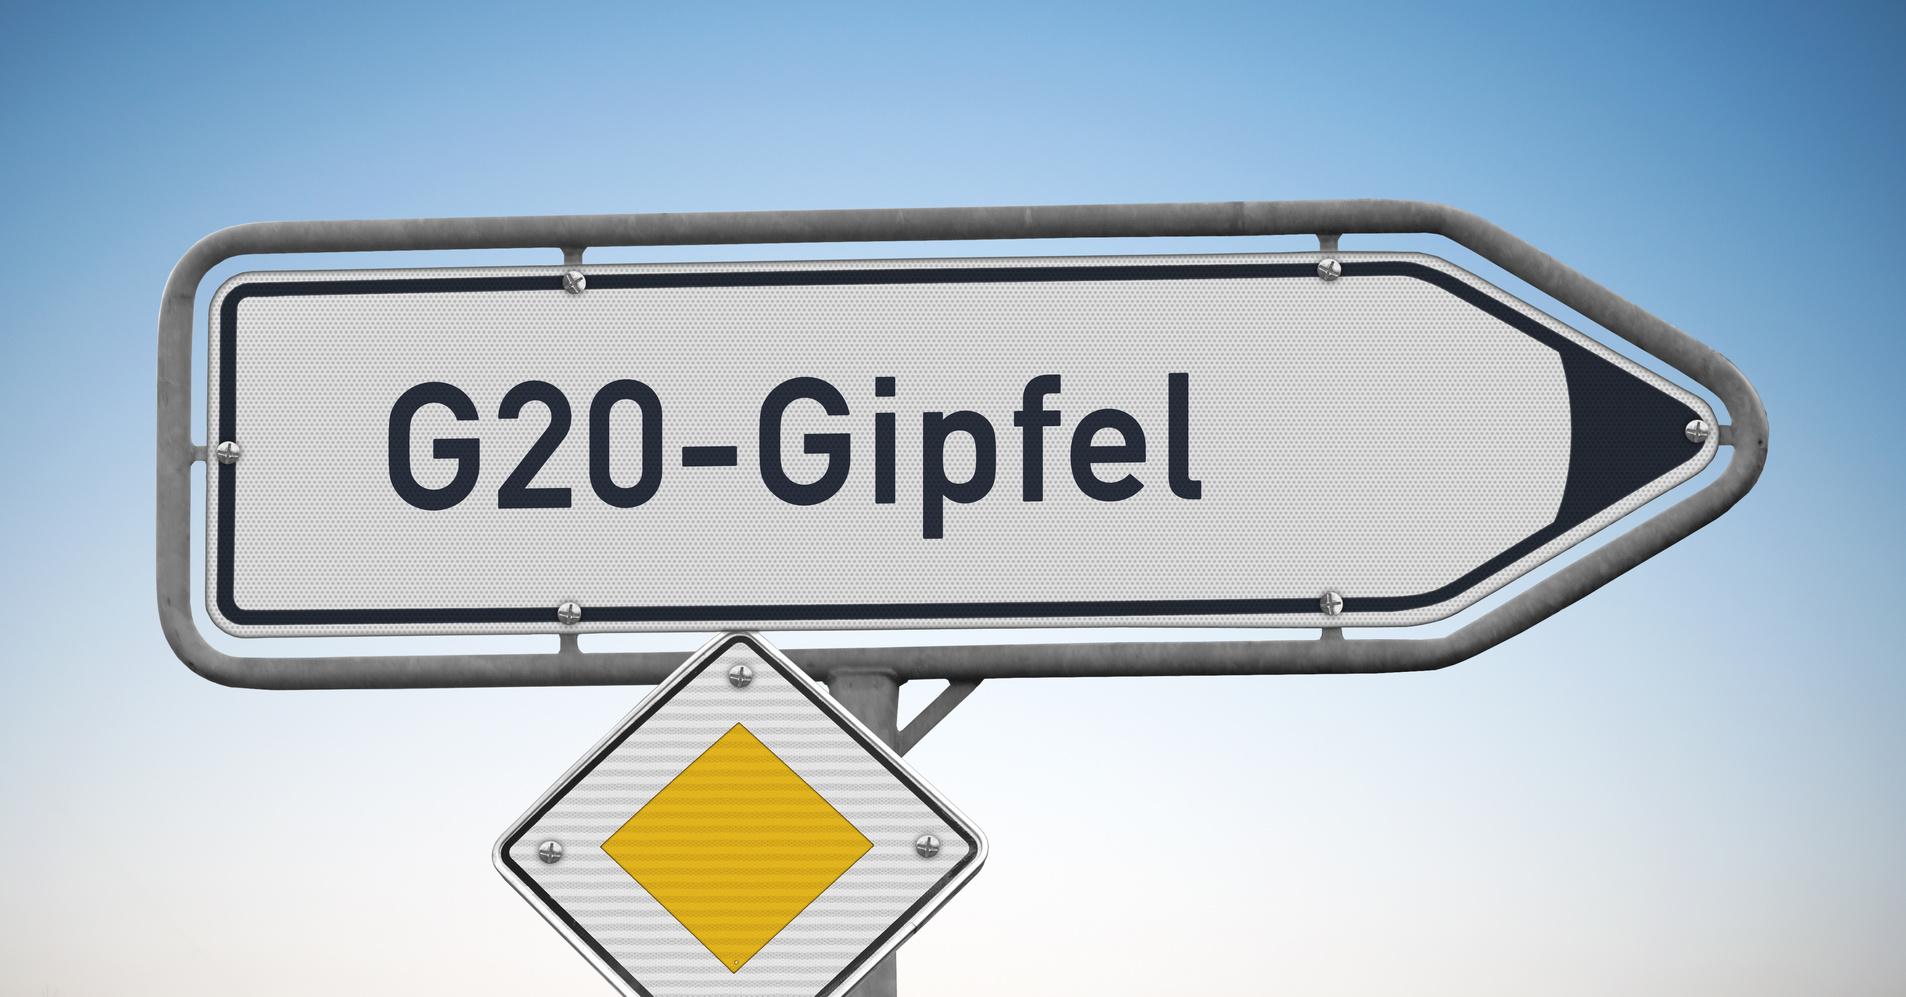 Hunderte Millionen Euro wegen G20: Wer soll das bezahlen?